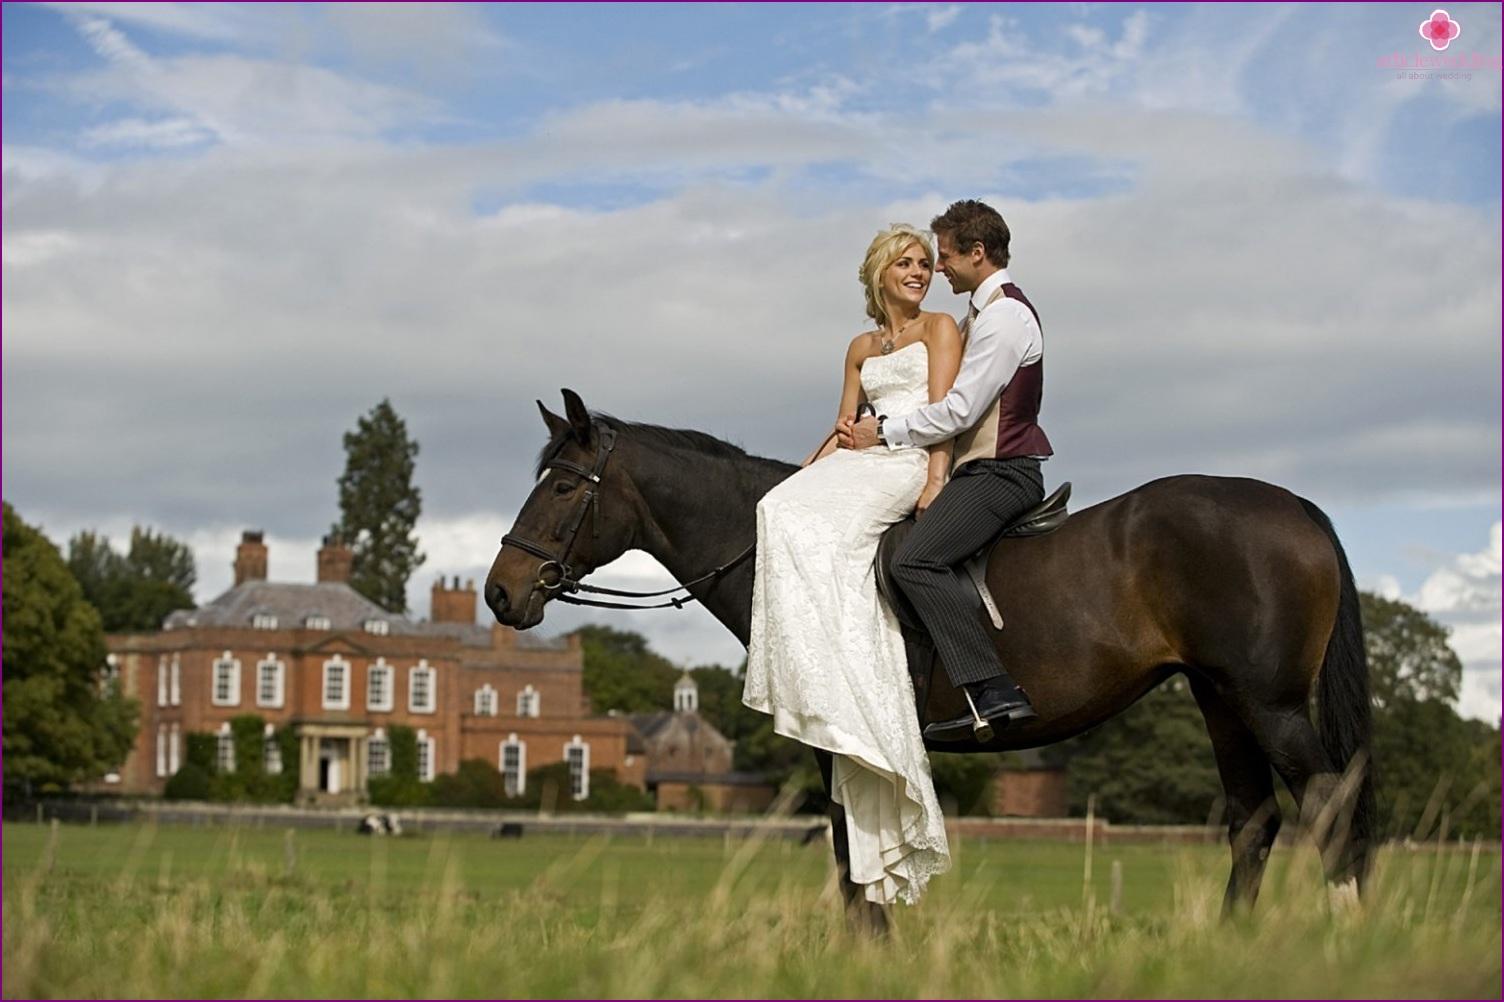 Newlyweds on horseback